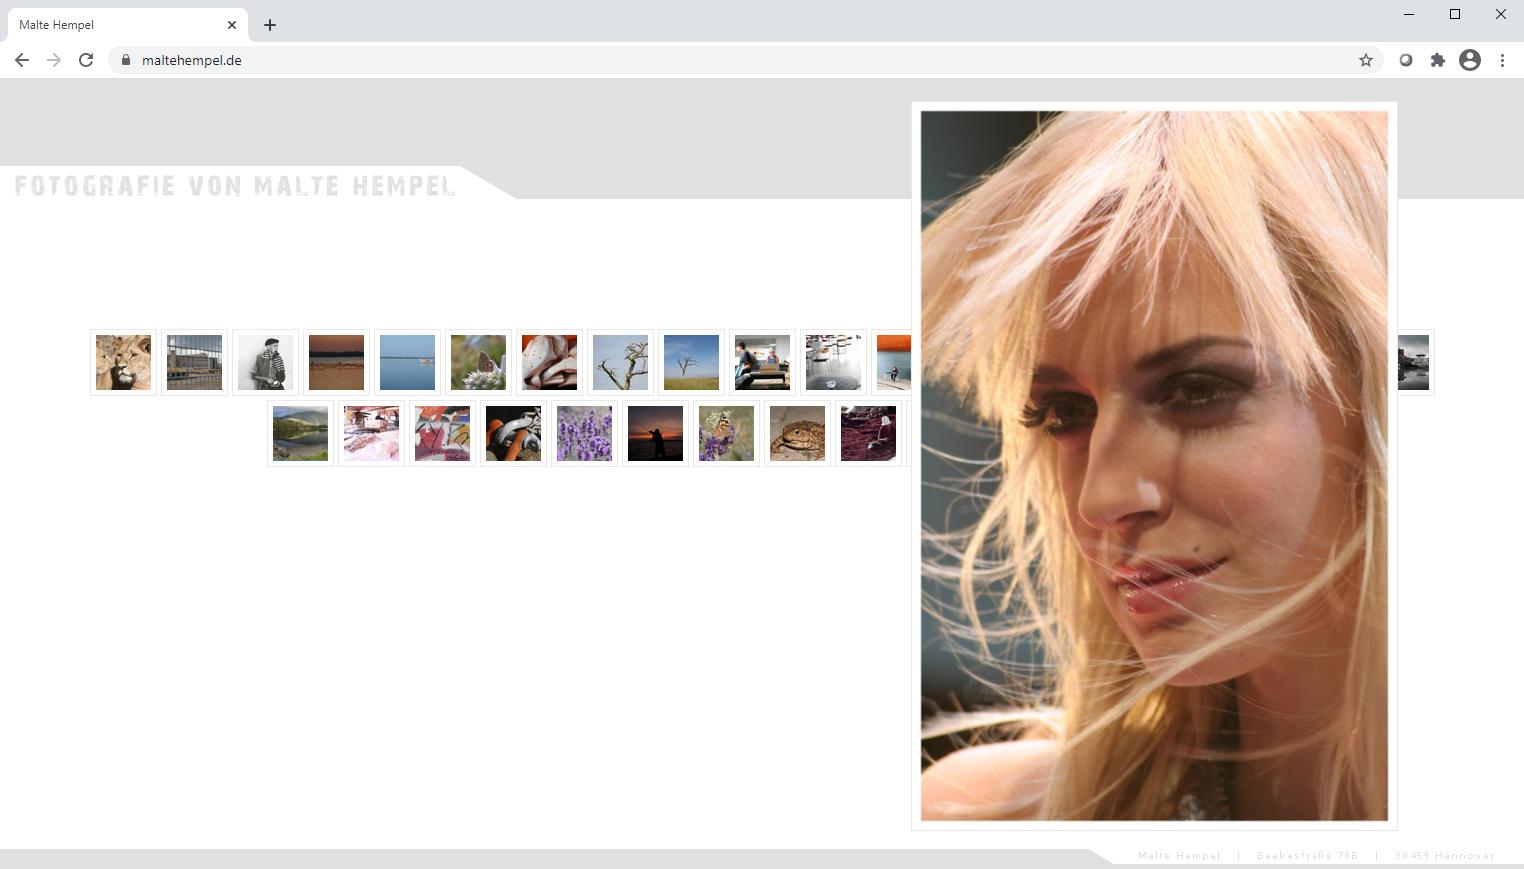 Webseite von Malte Hempel aus dem Jahr 2009.